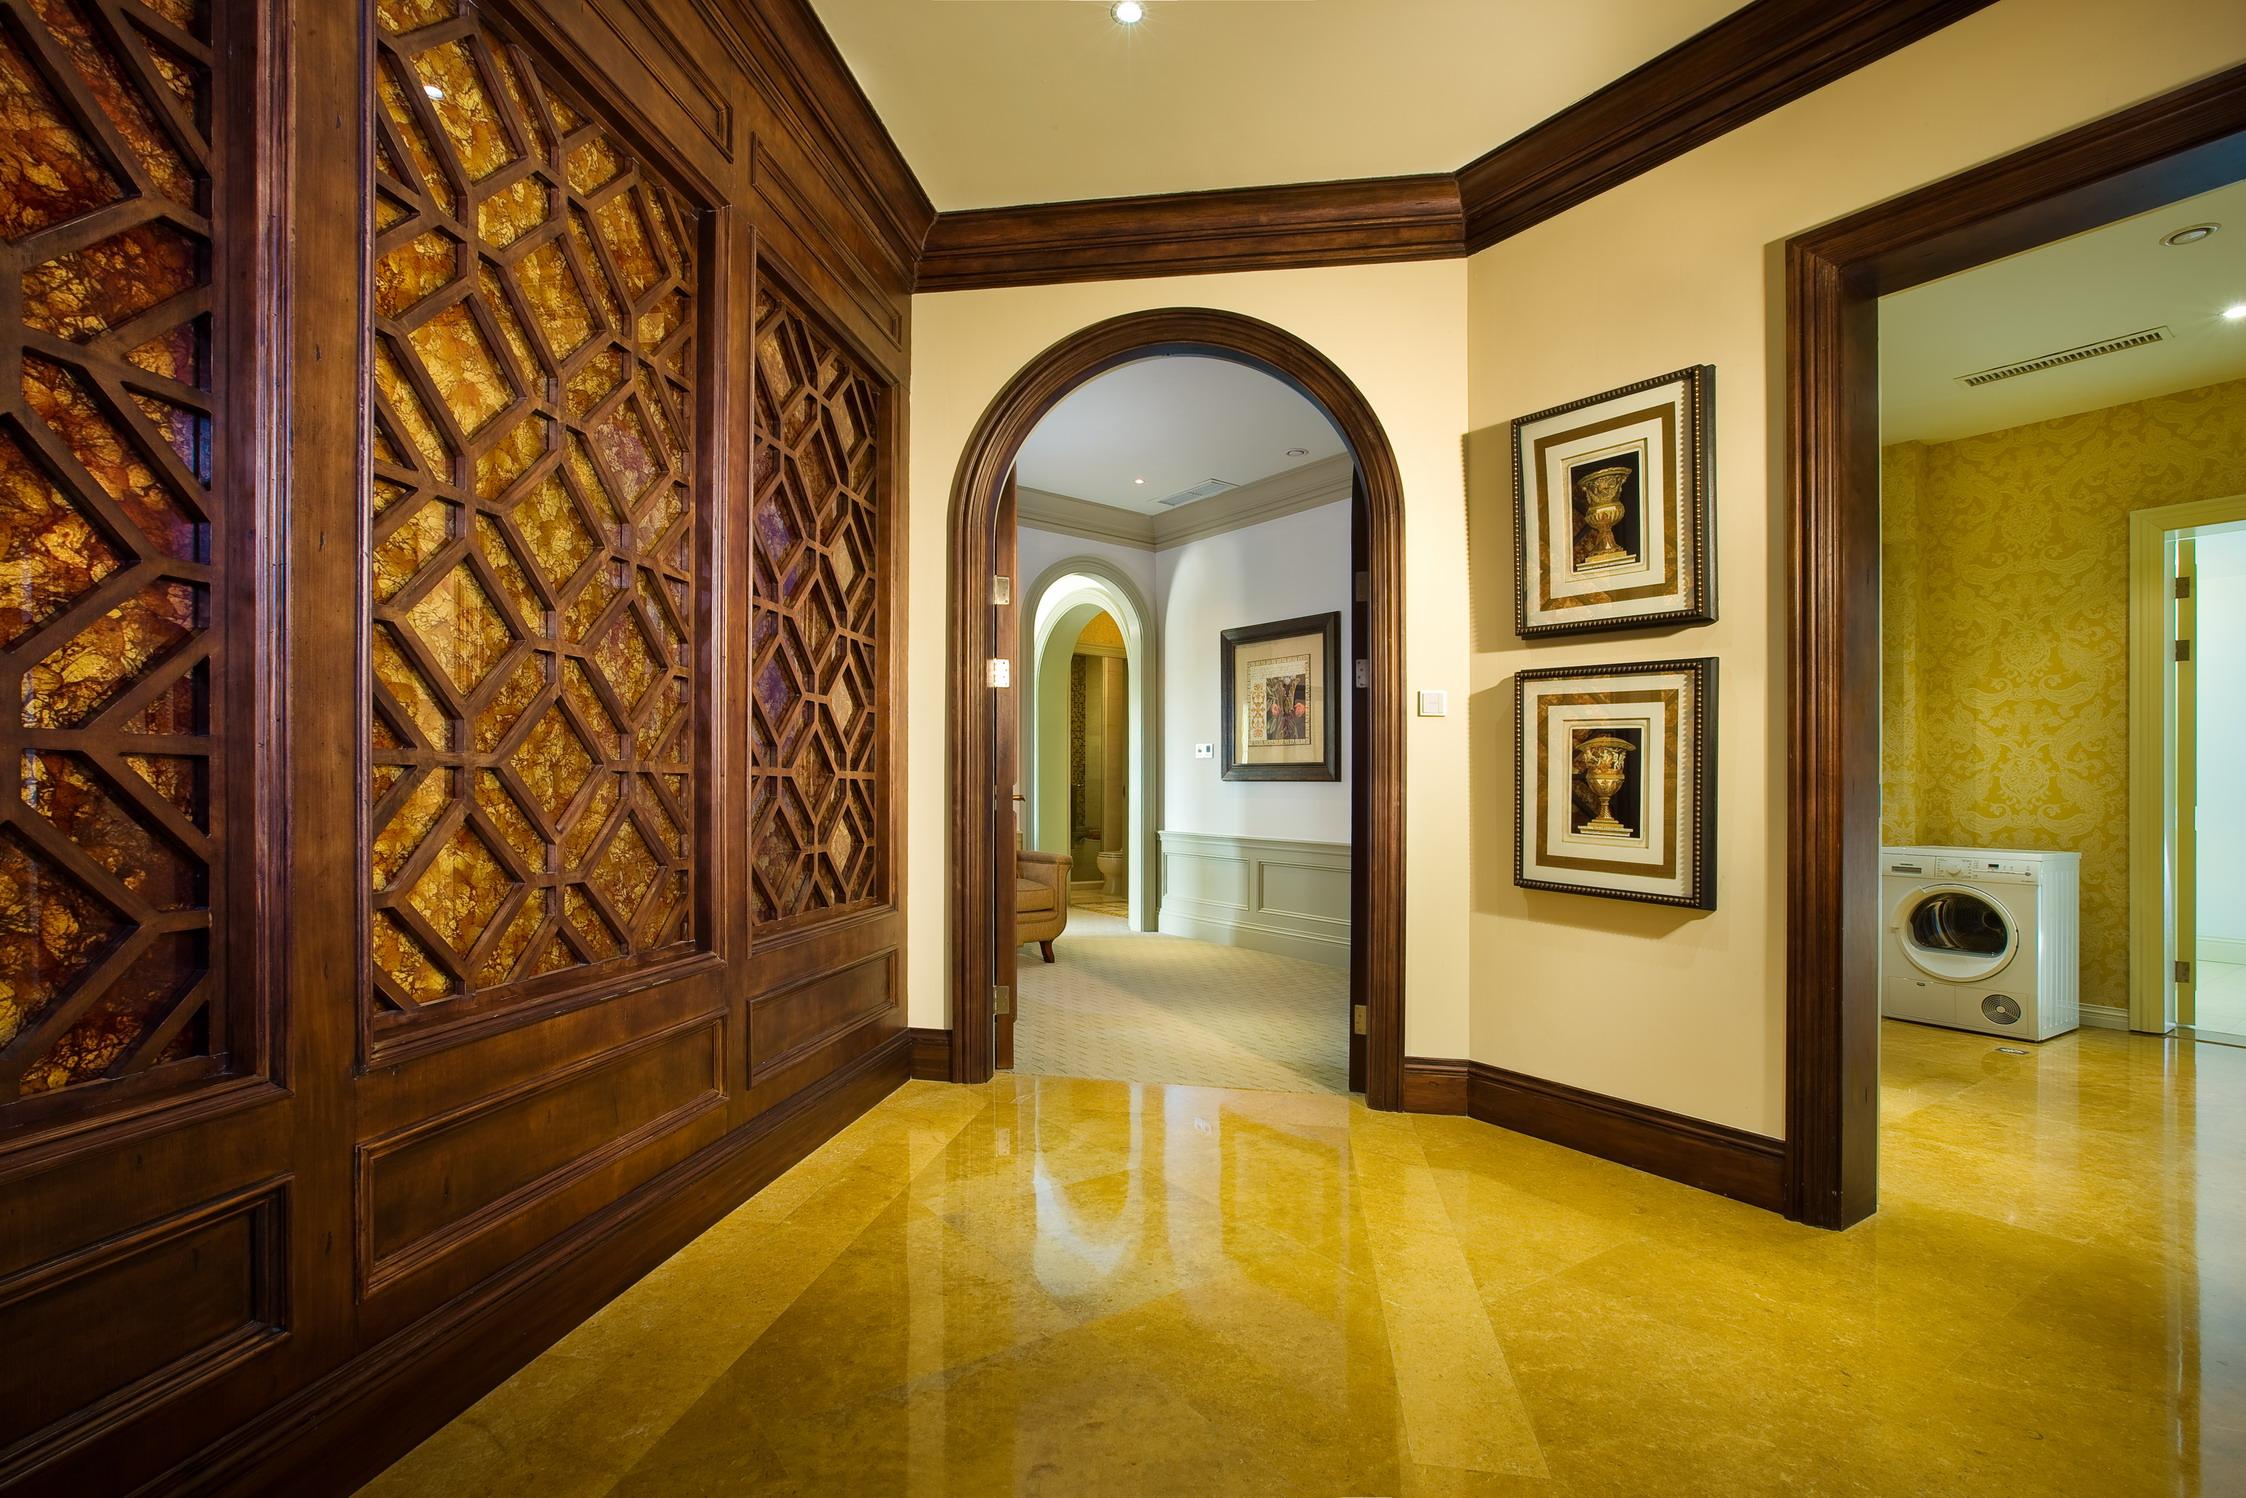 美式 别墅 度假别墅 舒心 大气 玄关图片来自武汉实创装饰在千岛湖度假别墅,舒心美式豪宅的分享